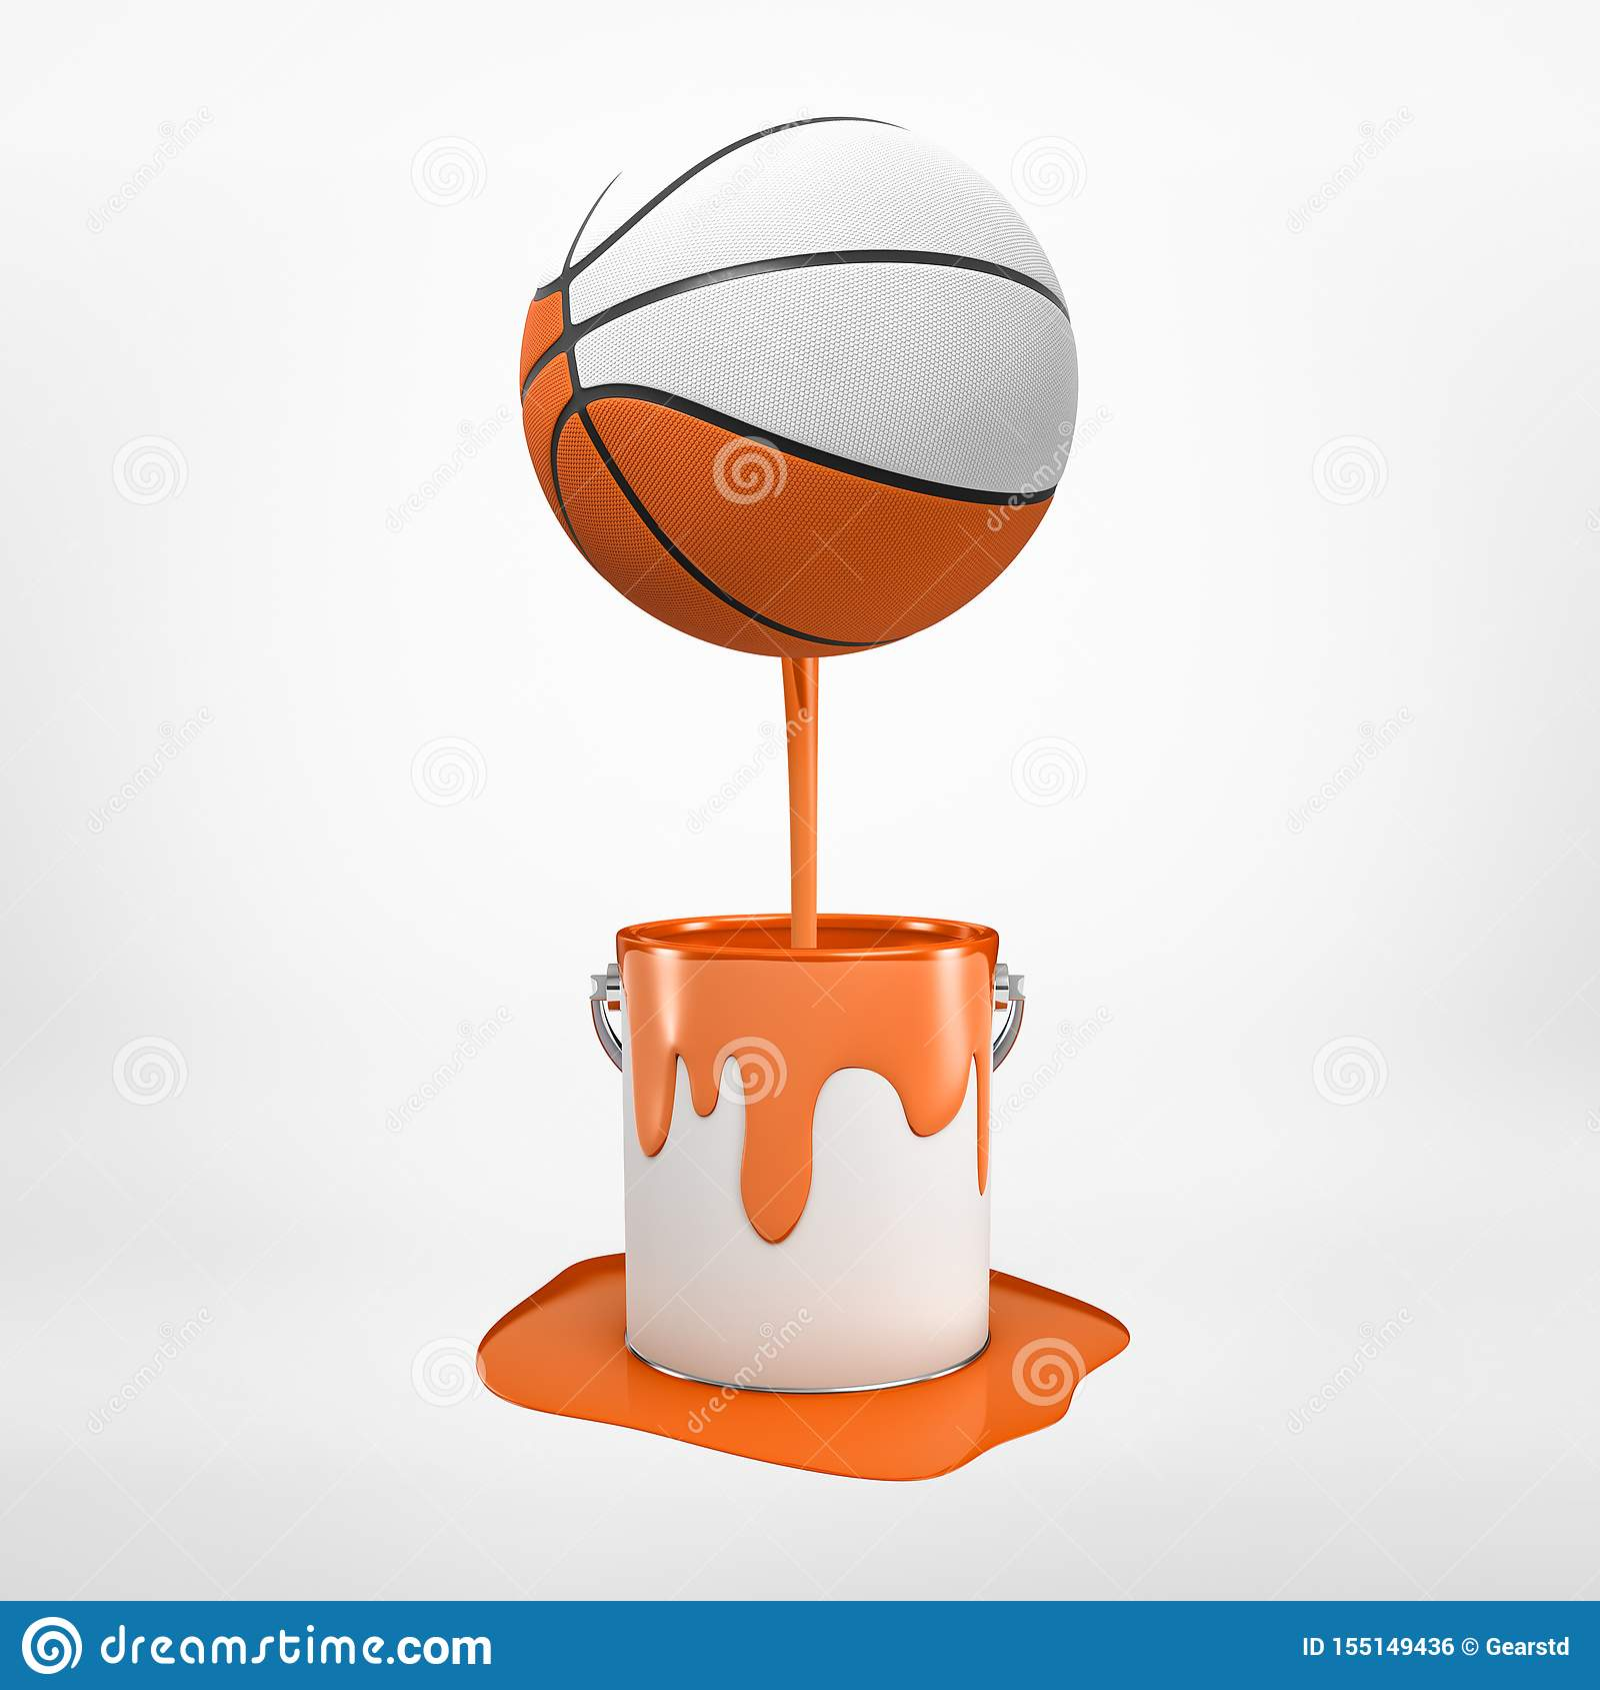 3d rendering barwiąca koszykówka farby obcieknięcia puszek która zamacza w pomarańczowej farbie i jest spławowa w powietrzu,